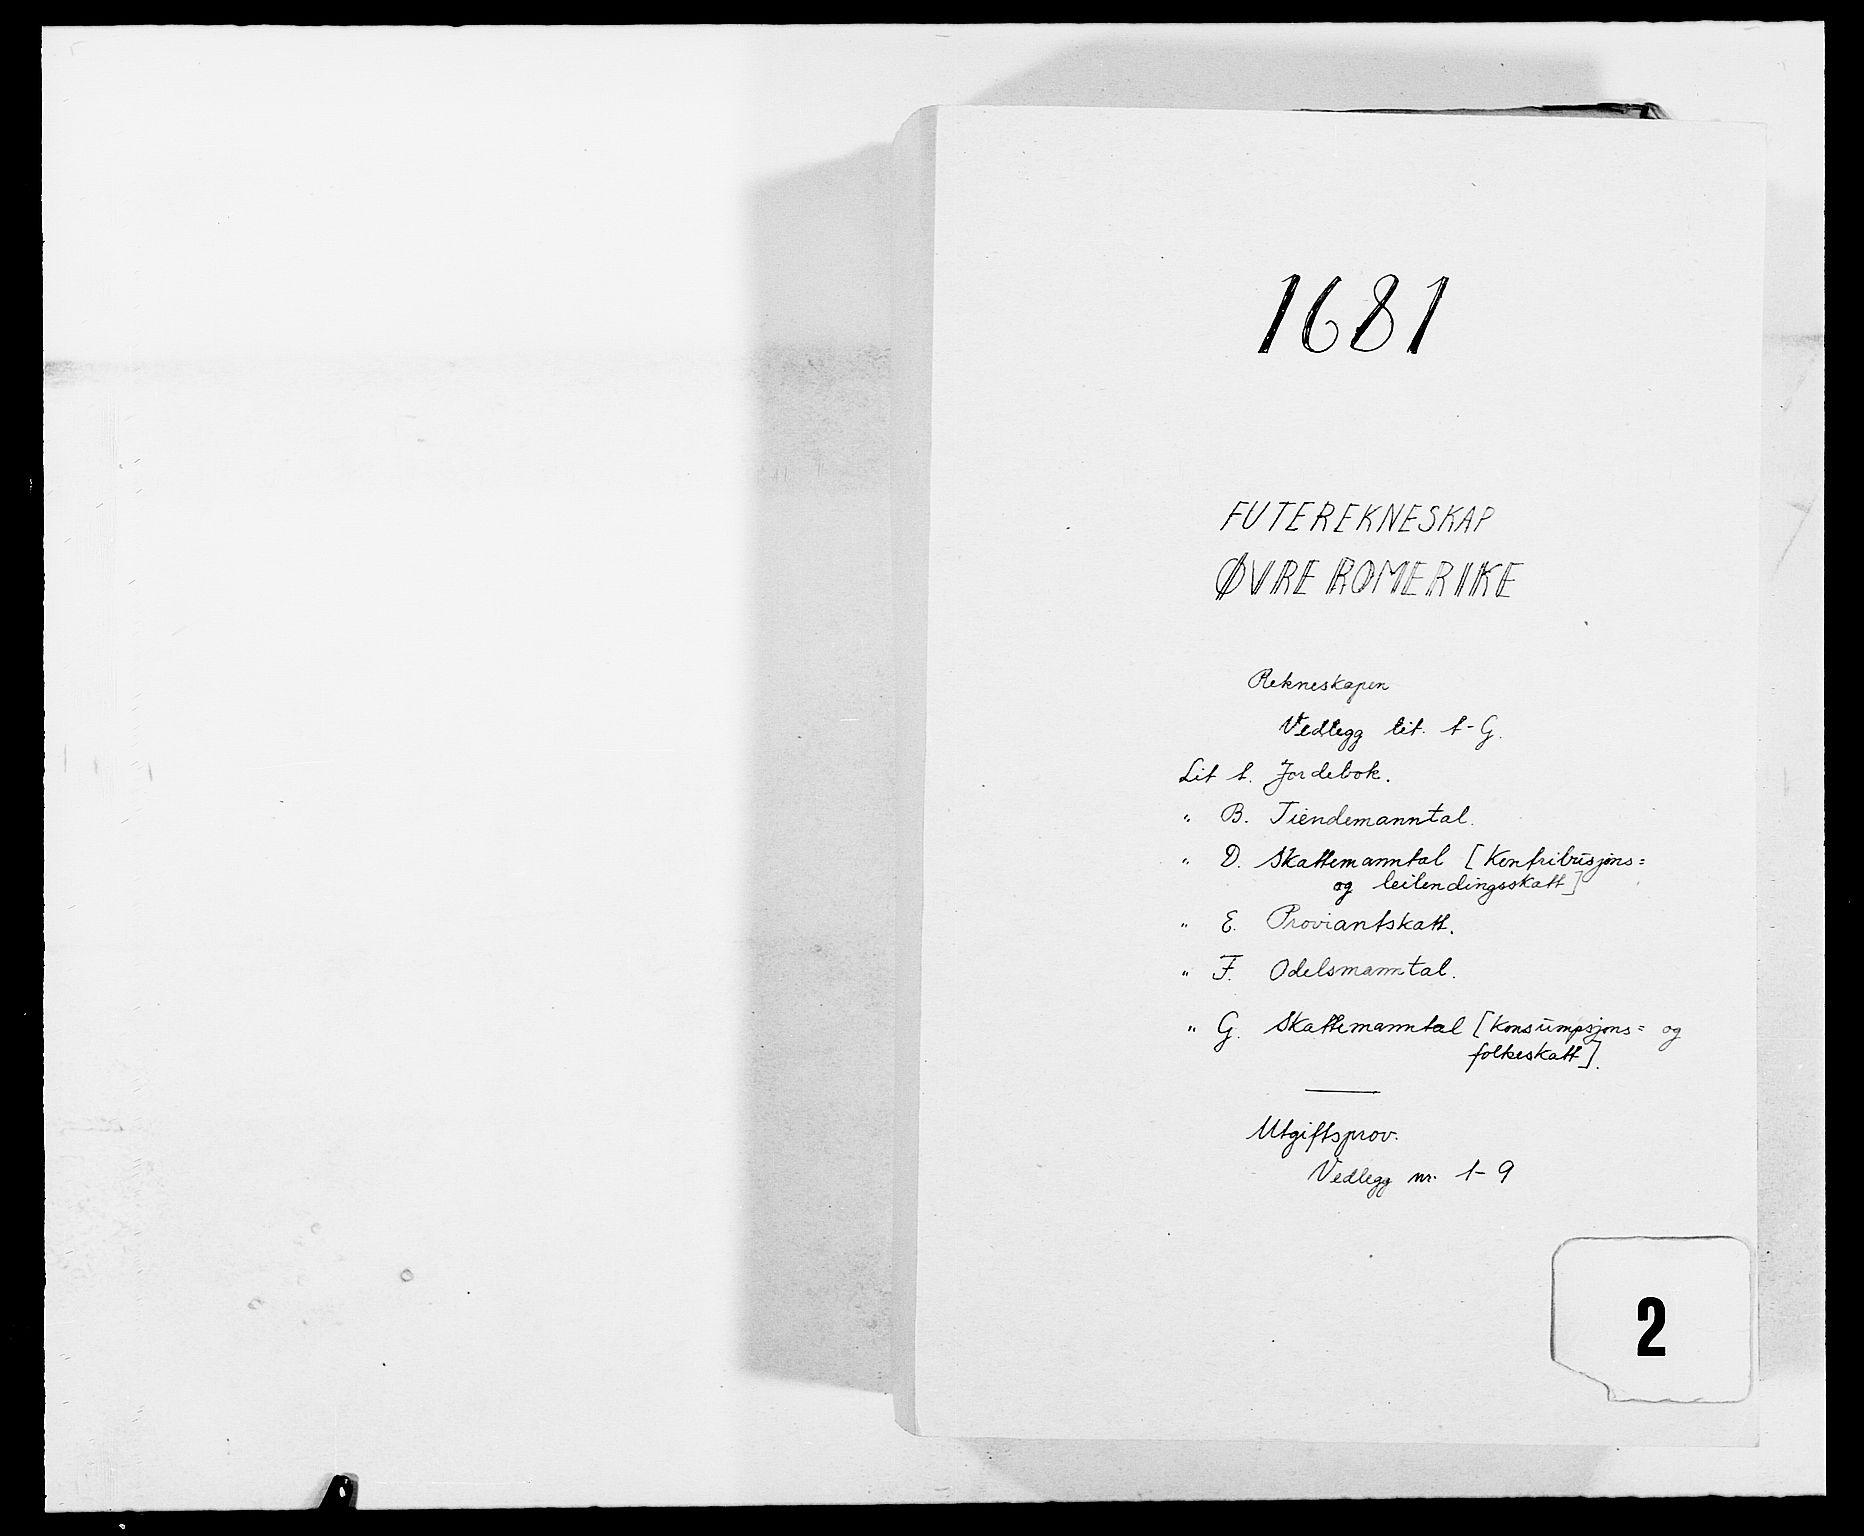 RA, Rentekammeret inntil 1814, Reviderte regnskaper, Fogderegnskap, R12/L0696: Fogderegnskap Øvre Romerike, 1681, s. 1